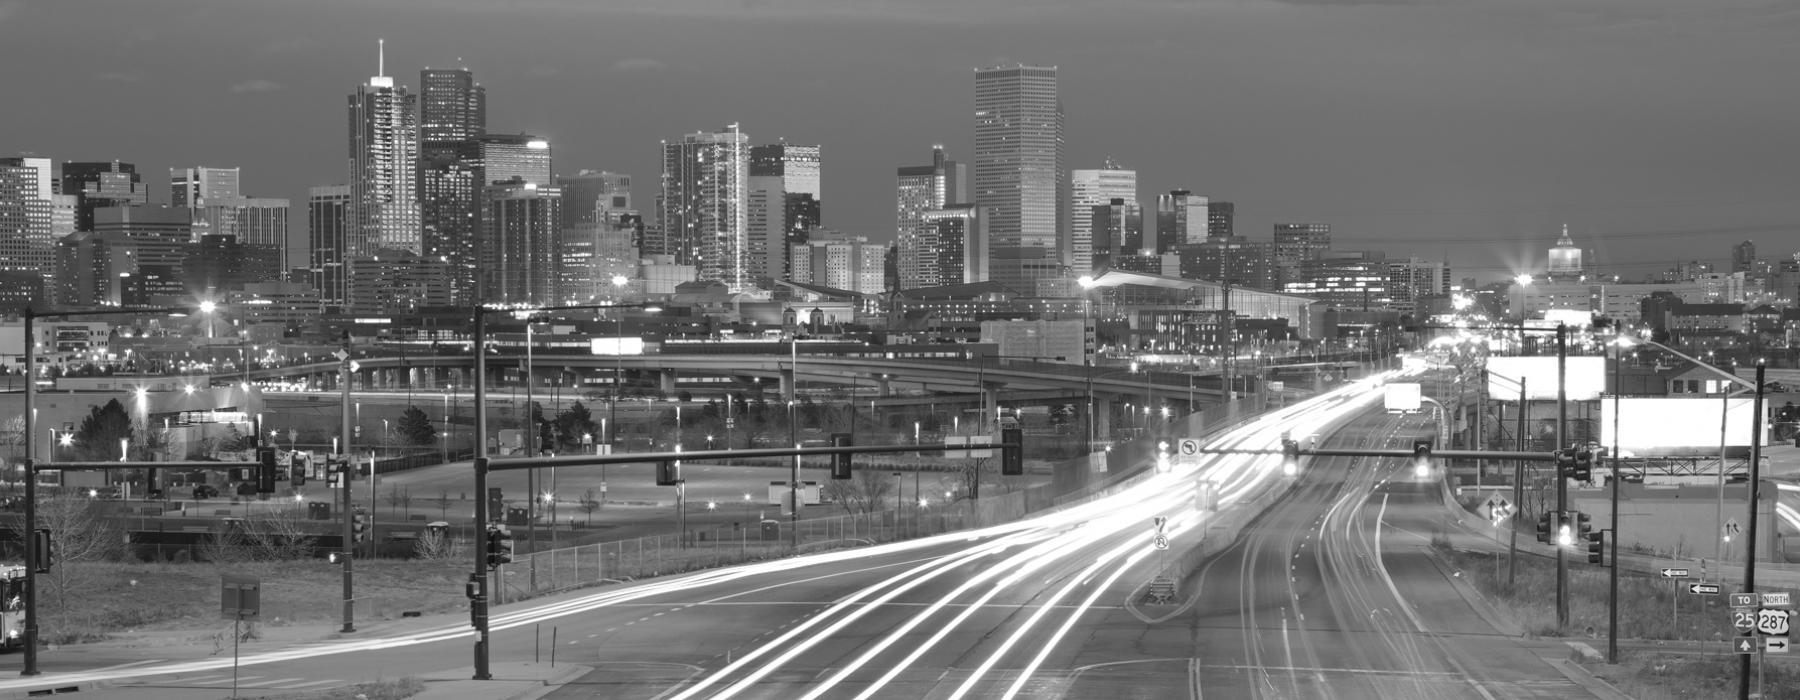 Denver traffic at night